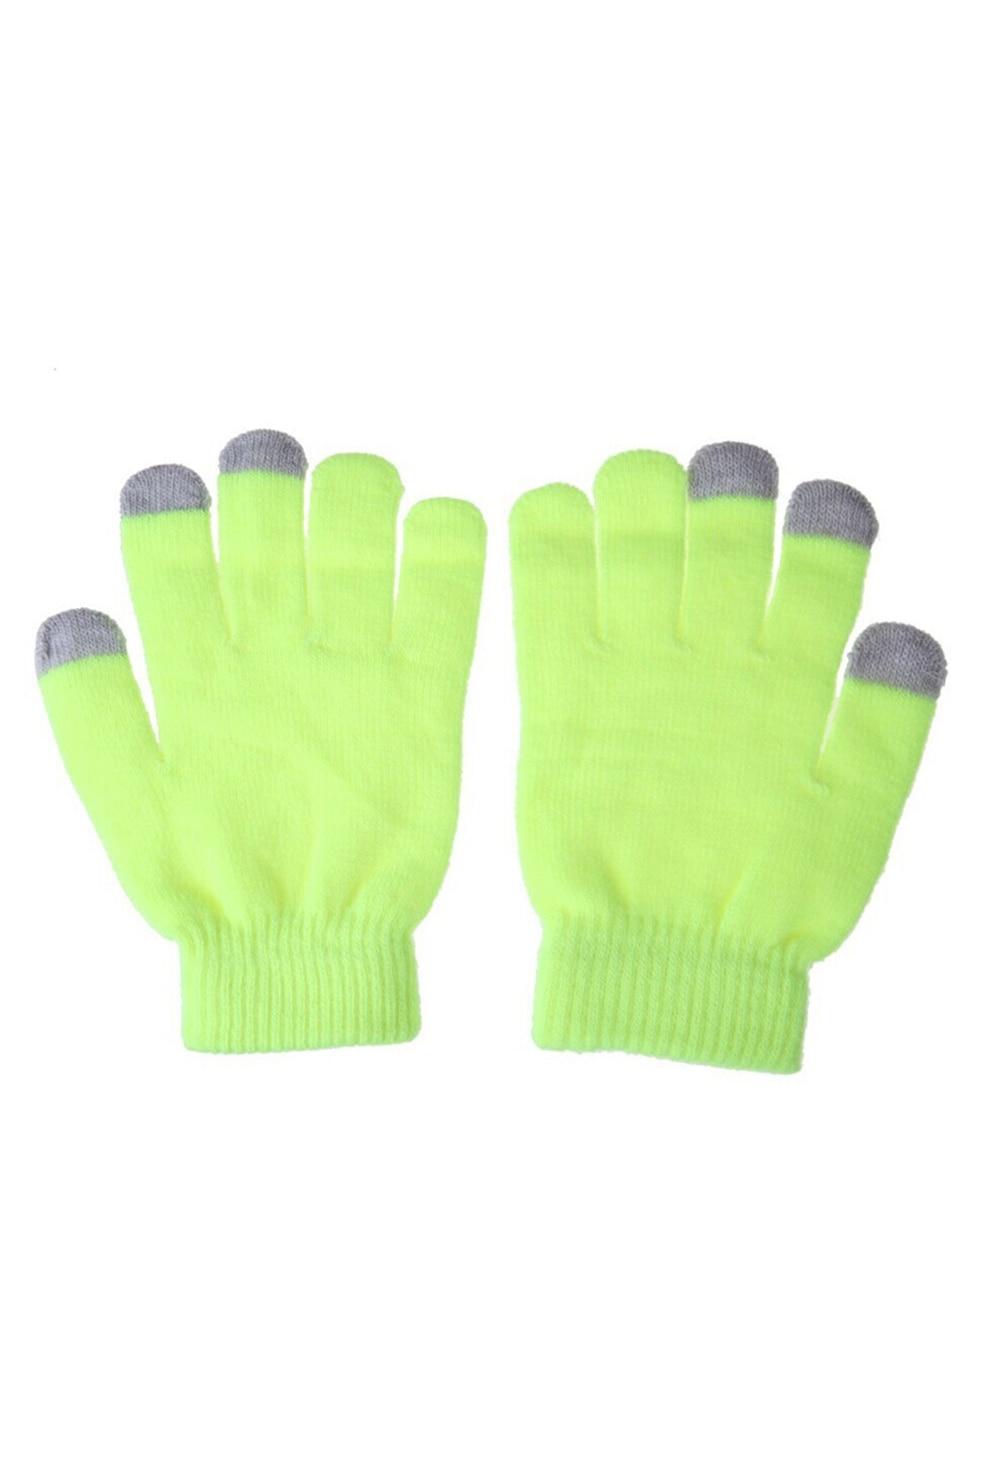 Для женщин Для мужчин Сенсорный экран Мягкий хлопок Зимние перчатки теплые Прихватки для мангала для смартфонов (флуоресцентный зеленый)